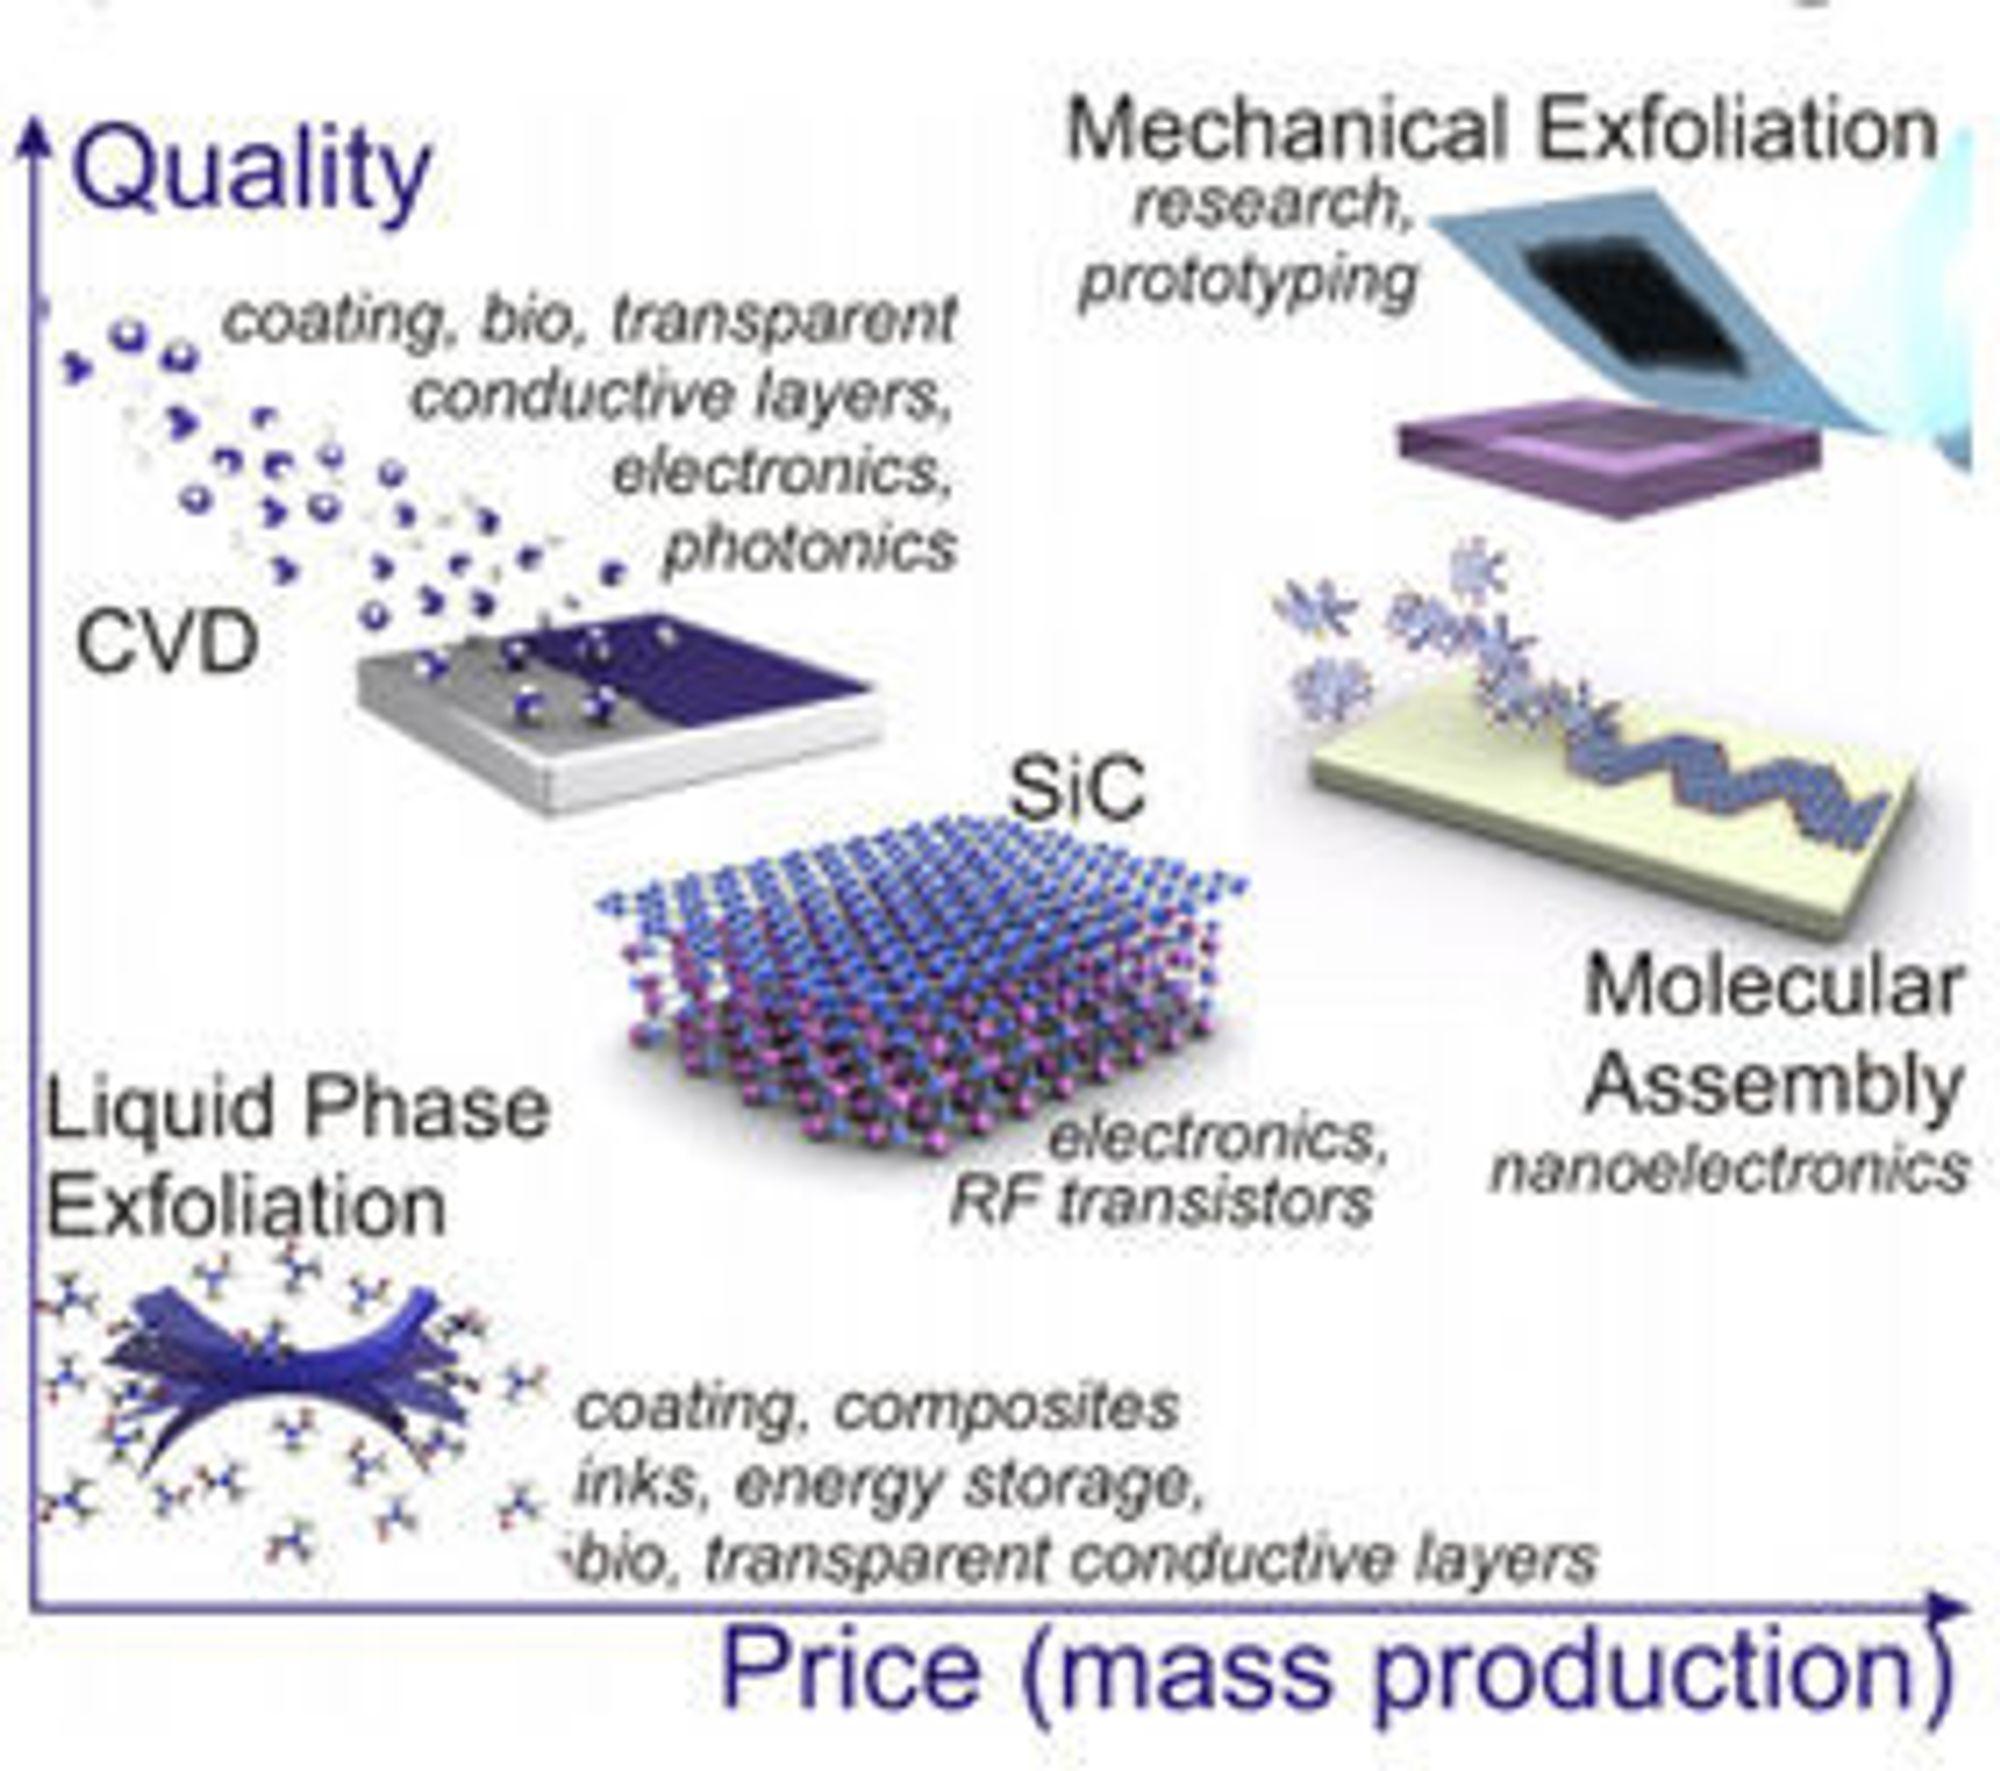 De mange ulike produksjonsmetodene for grafén gir gode valgmuligheter innen egenskaper som størrelse, kvalitet og pris.